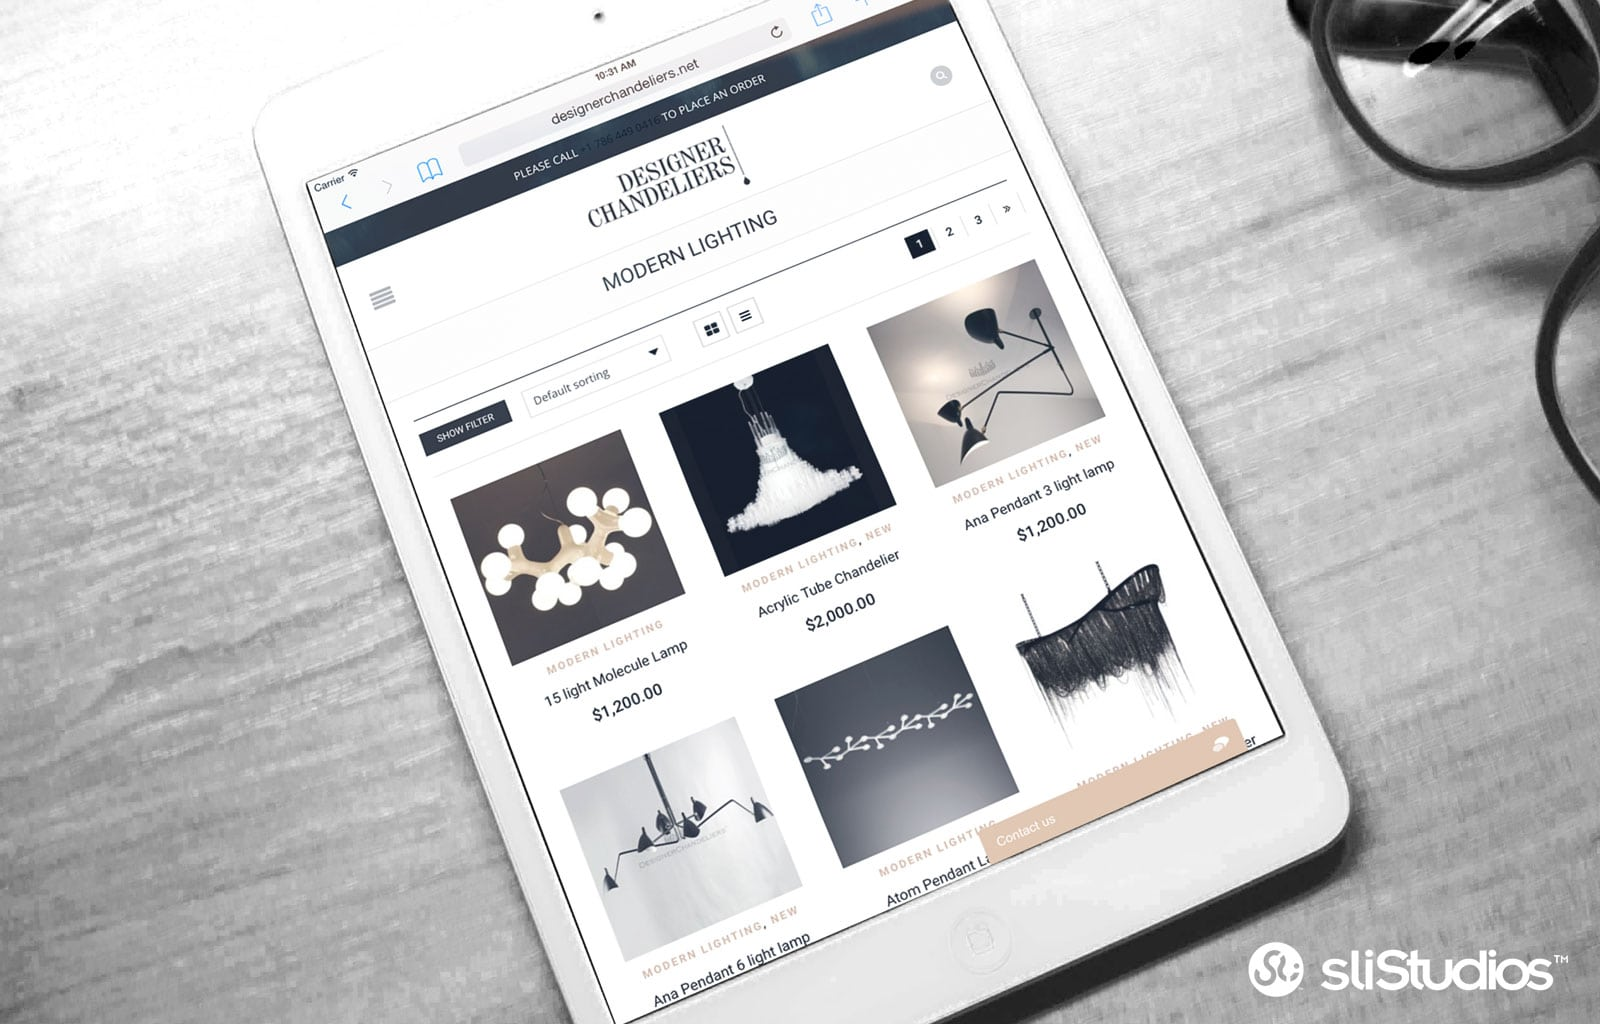 DesignerCasa mobile web design iPad - sliStudios